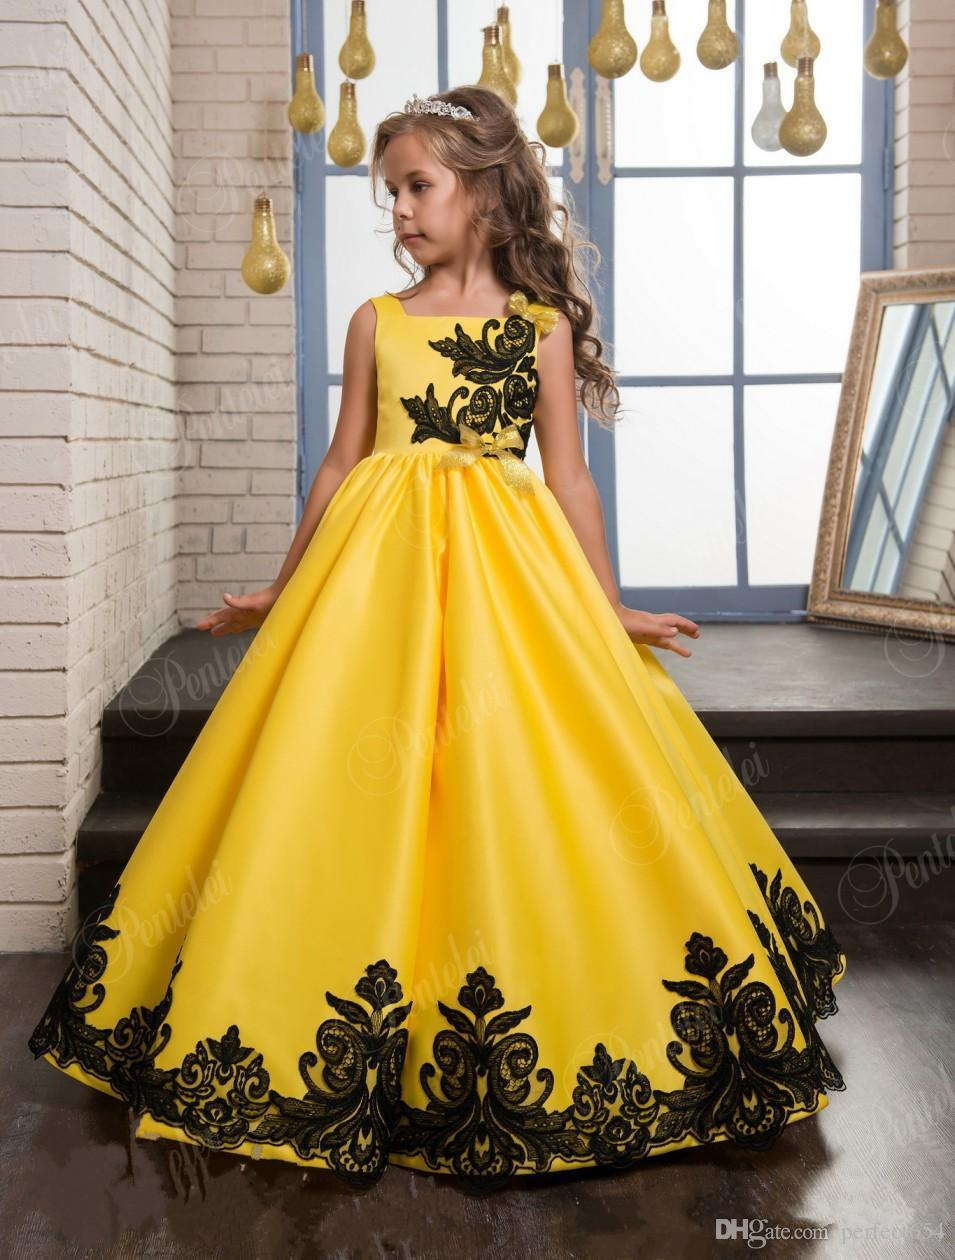 Atemberaubend Kleid Für Eine Party Galerie - Hochzeit Kleid Stile ...